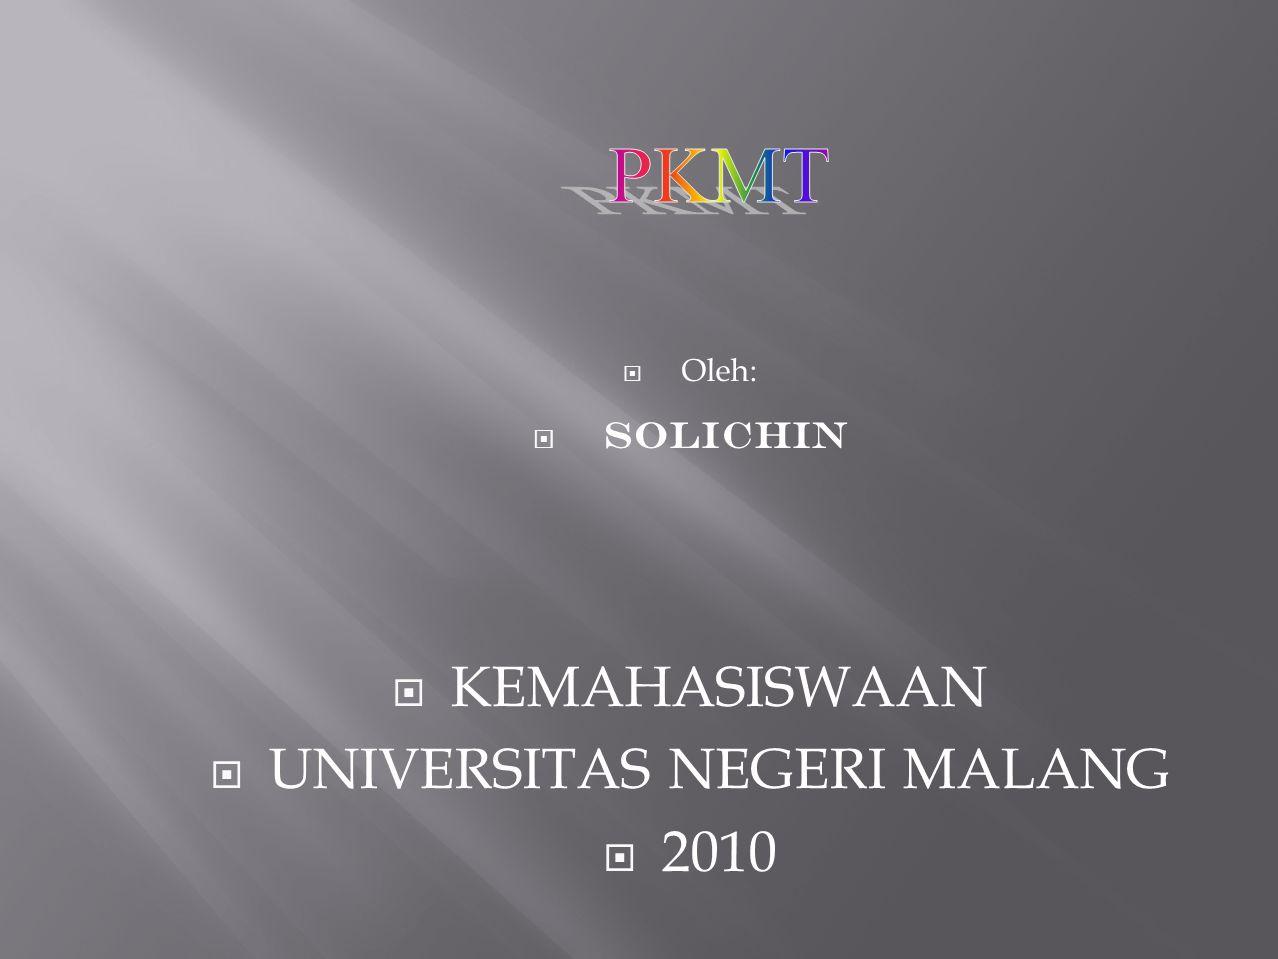  Oleh:  SOLICHIN  KEMAHASISWAAN  UNIVERSITAS NEGERI MALANG  2010